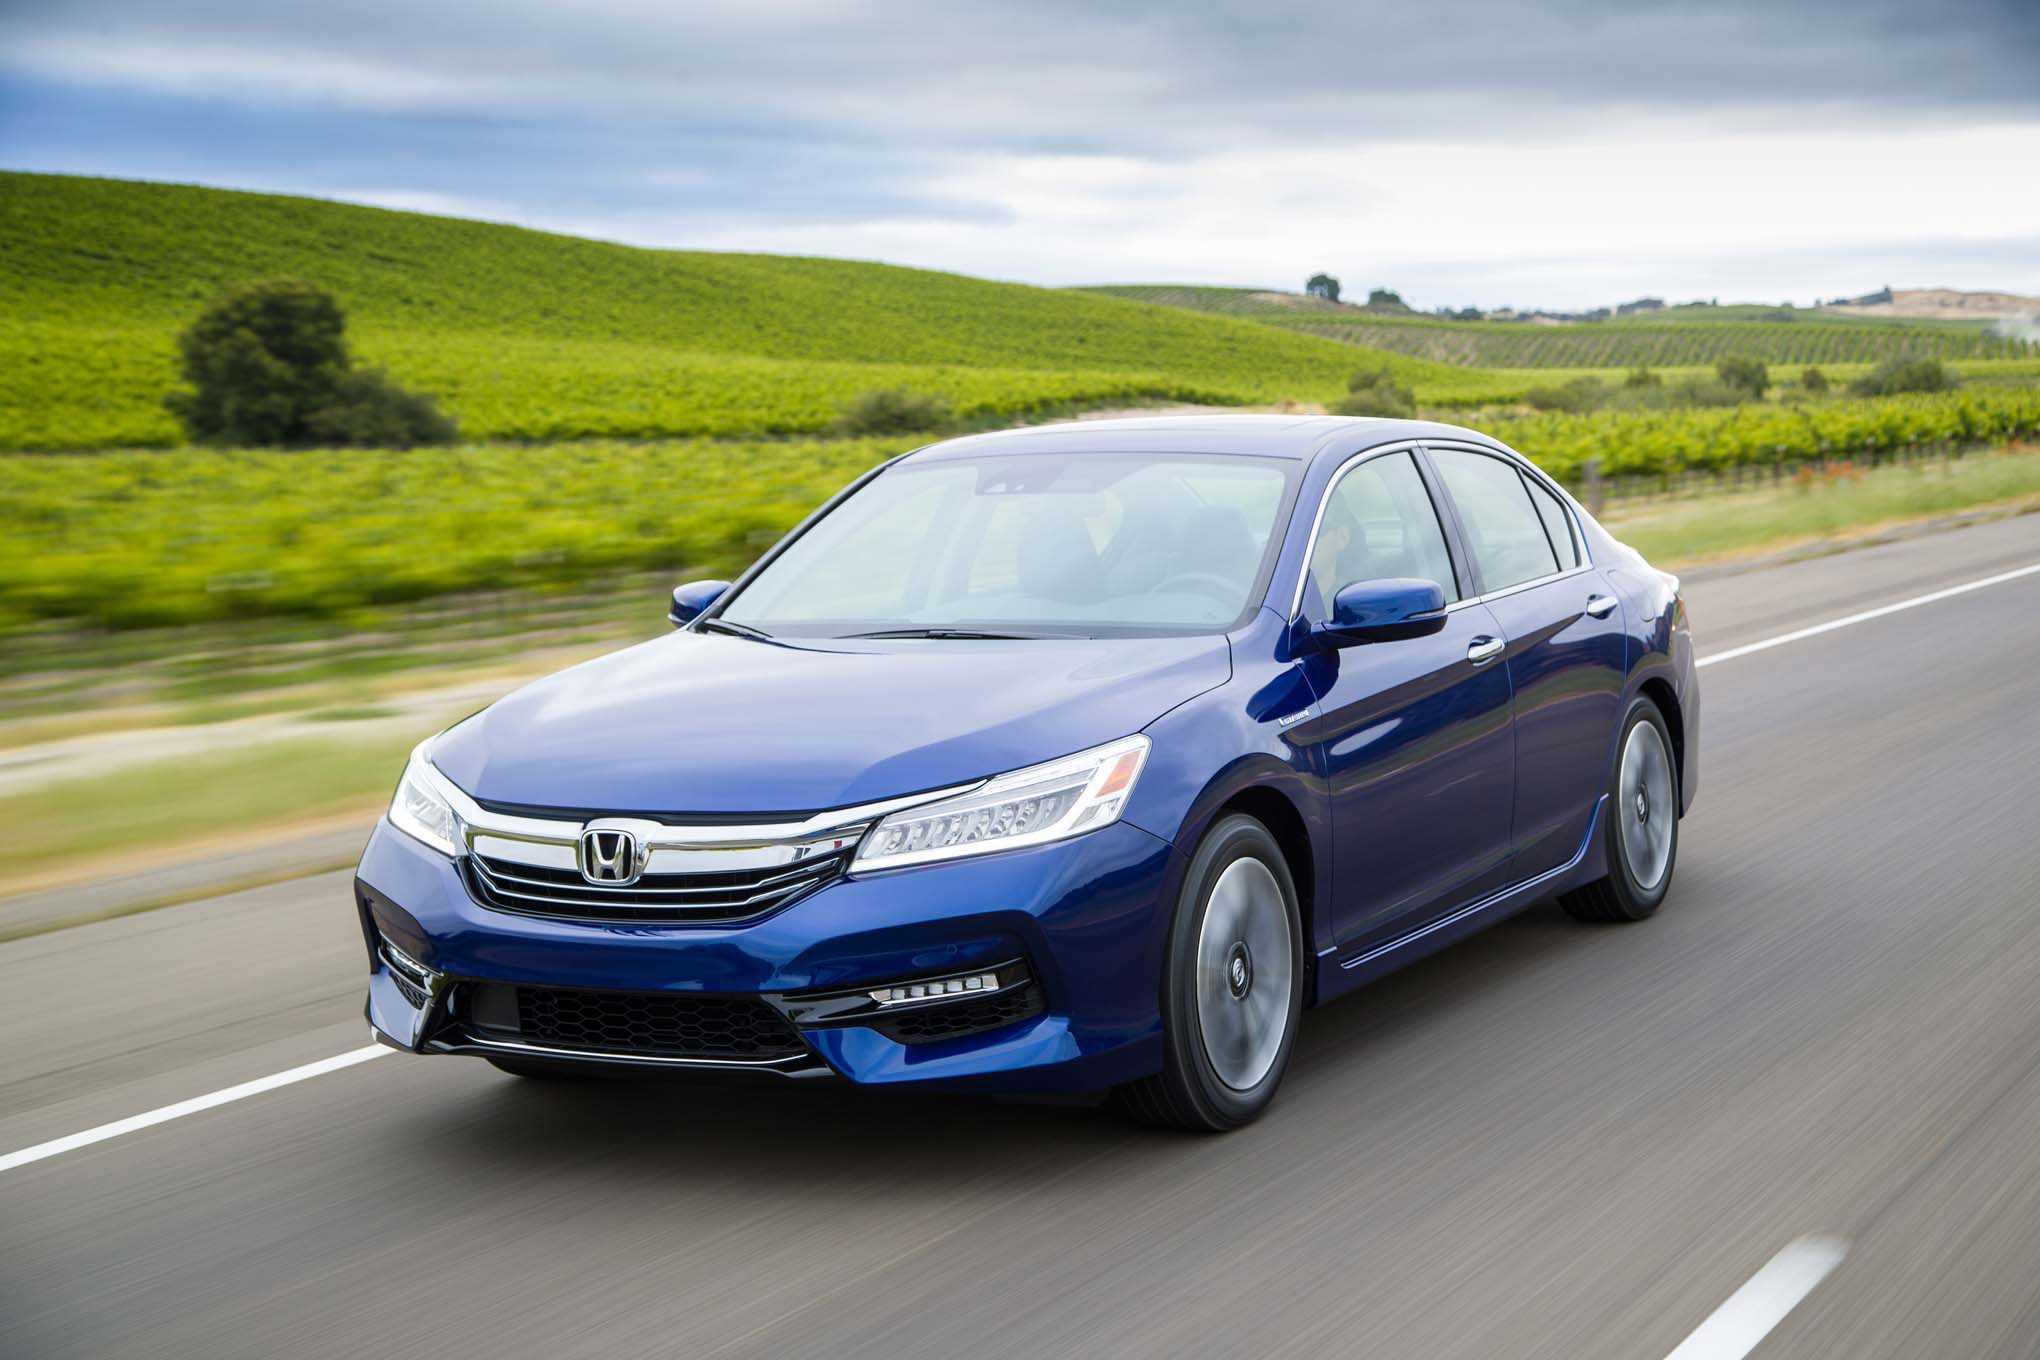 2017 Honda Accord Hybrid Pricing Starts at $30,440